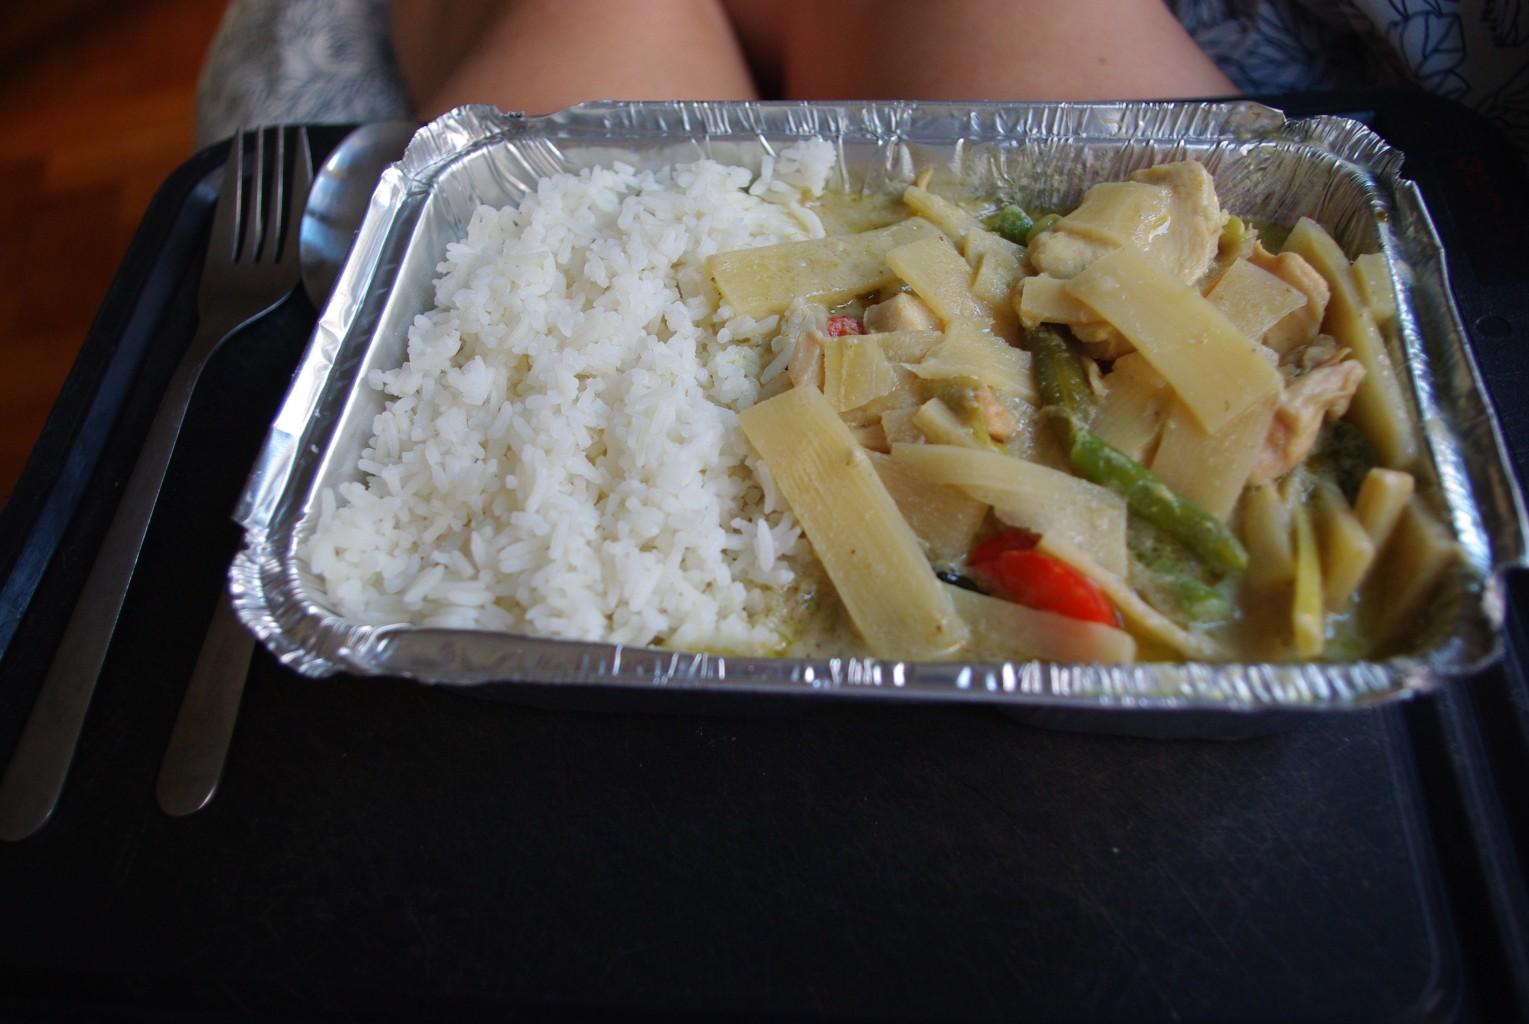 grattis er thai limhamn